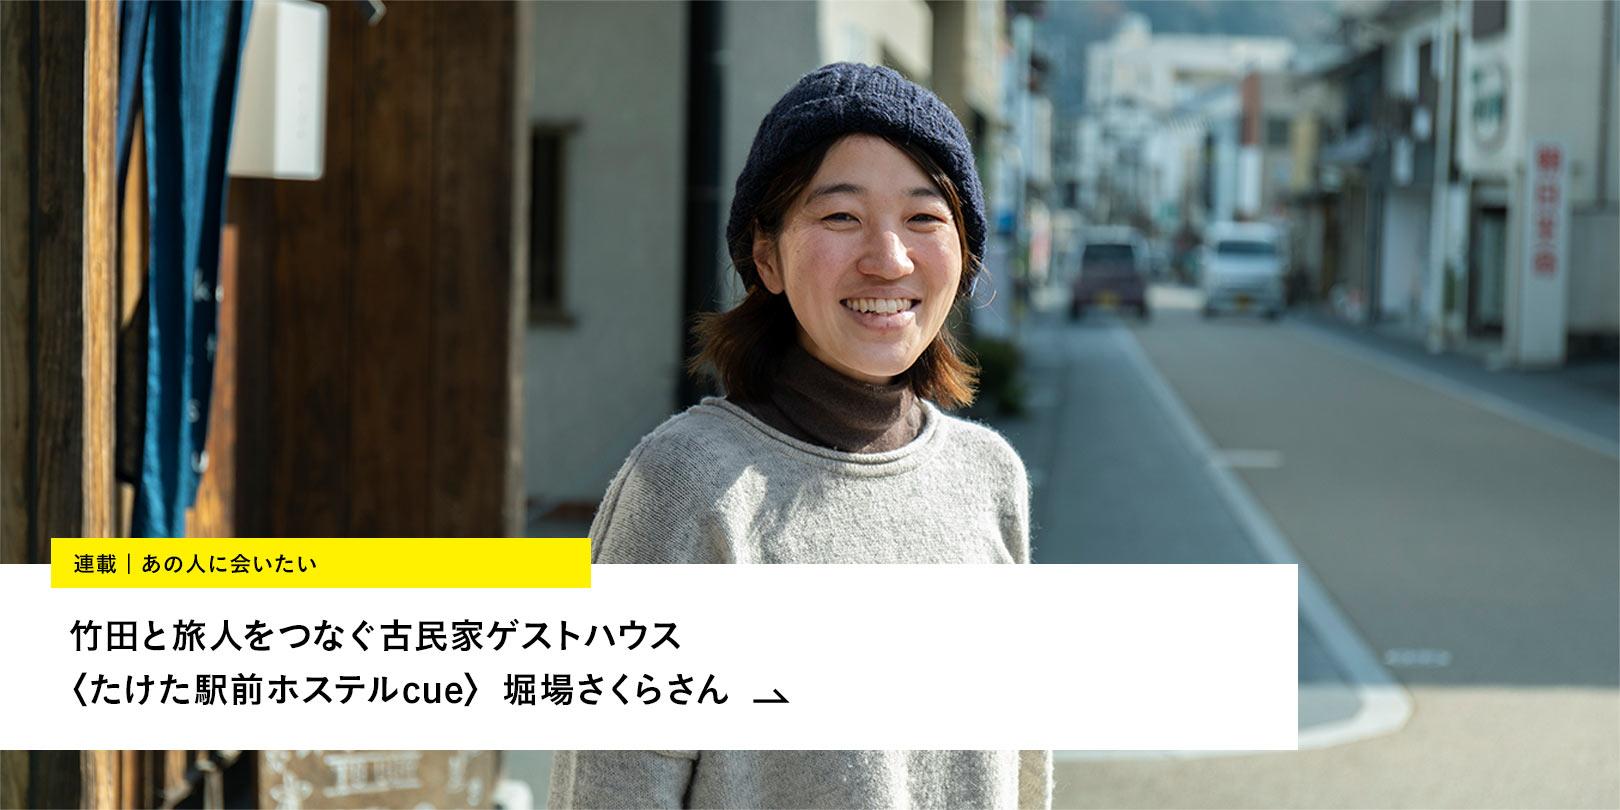 〈たけた駅前ホステルcue〉堀場さくらさん